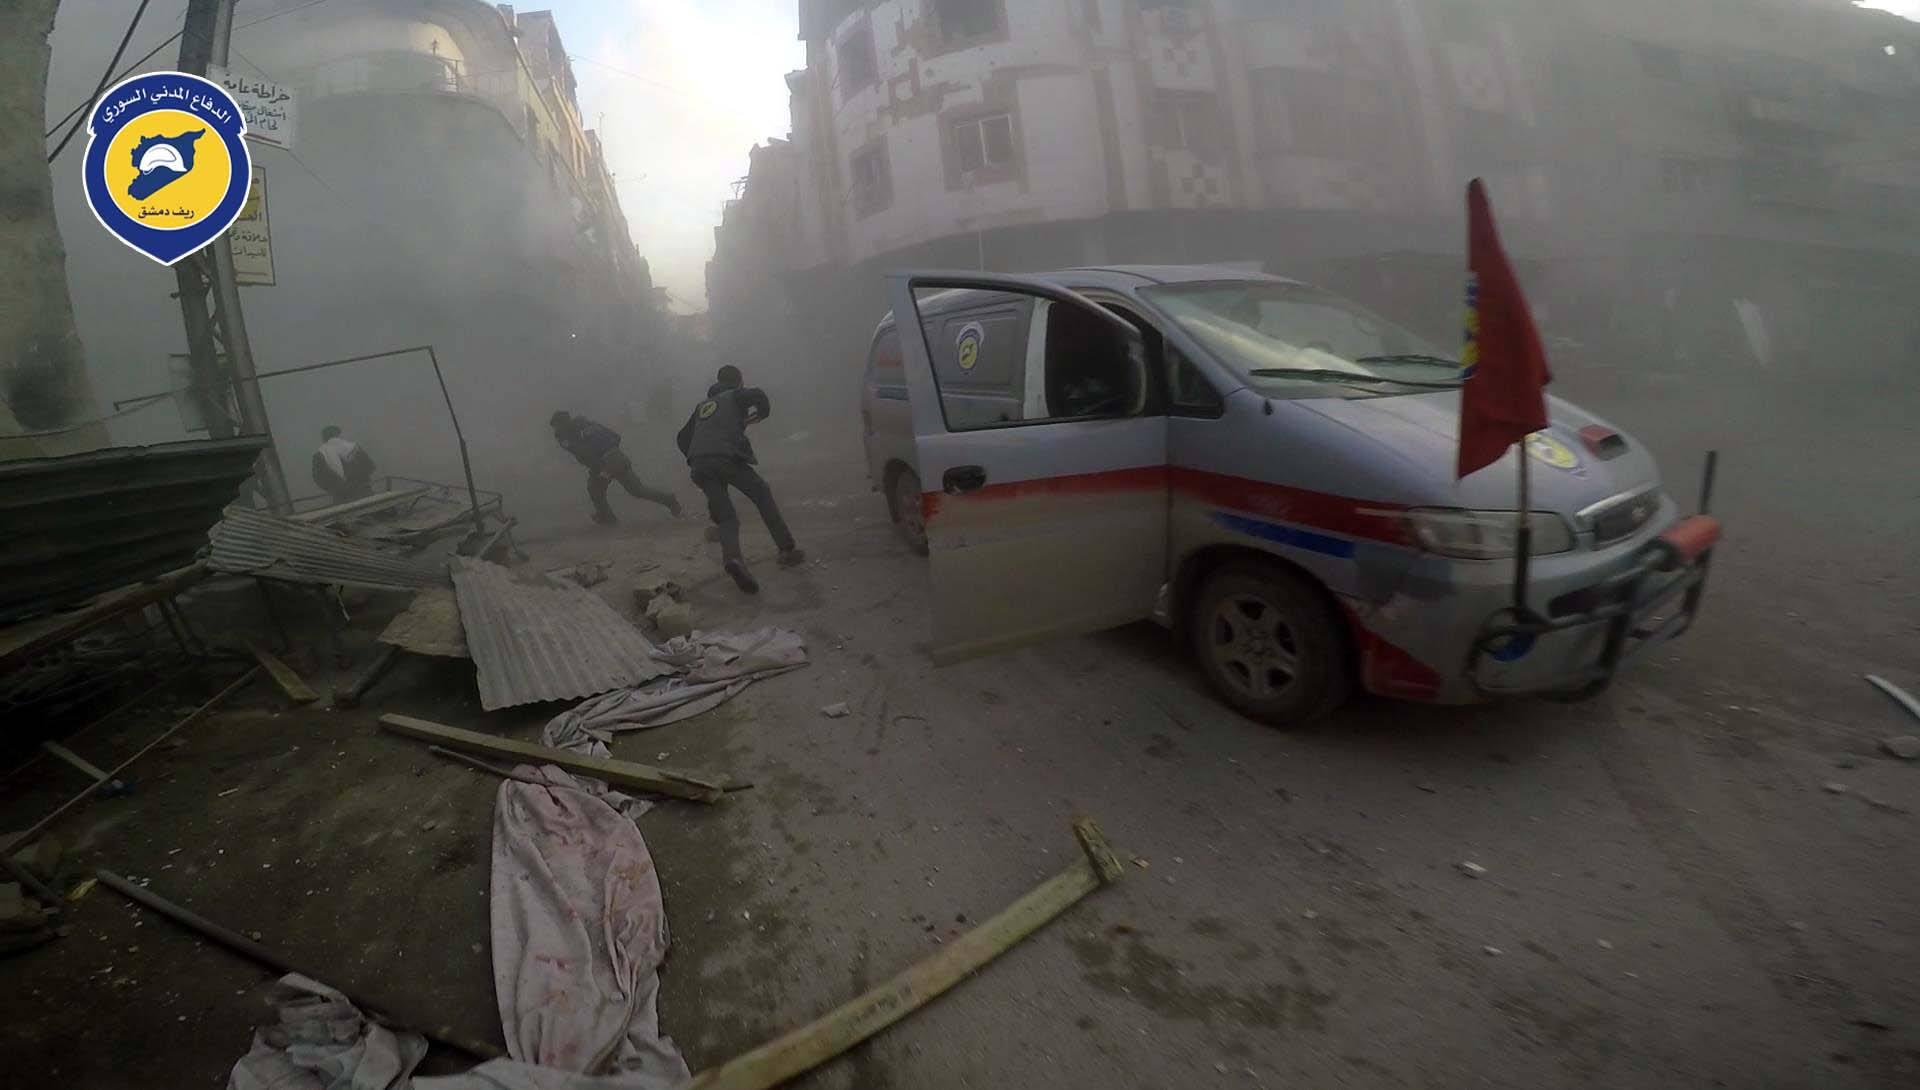 صورة 11 اعتداء على نقاط طبية ومراكز للدفاع المدني خلال شهر